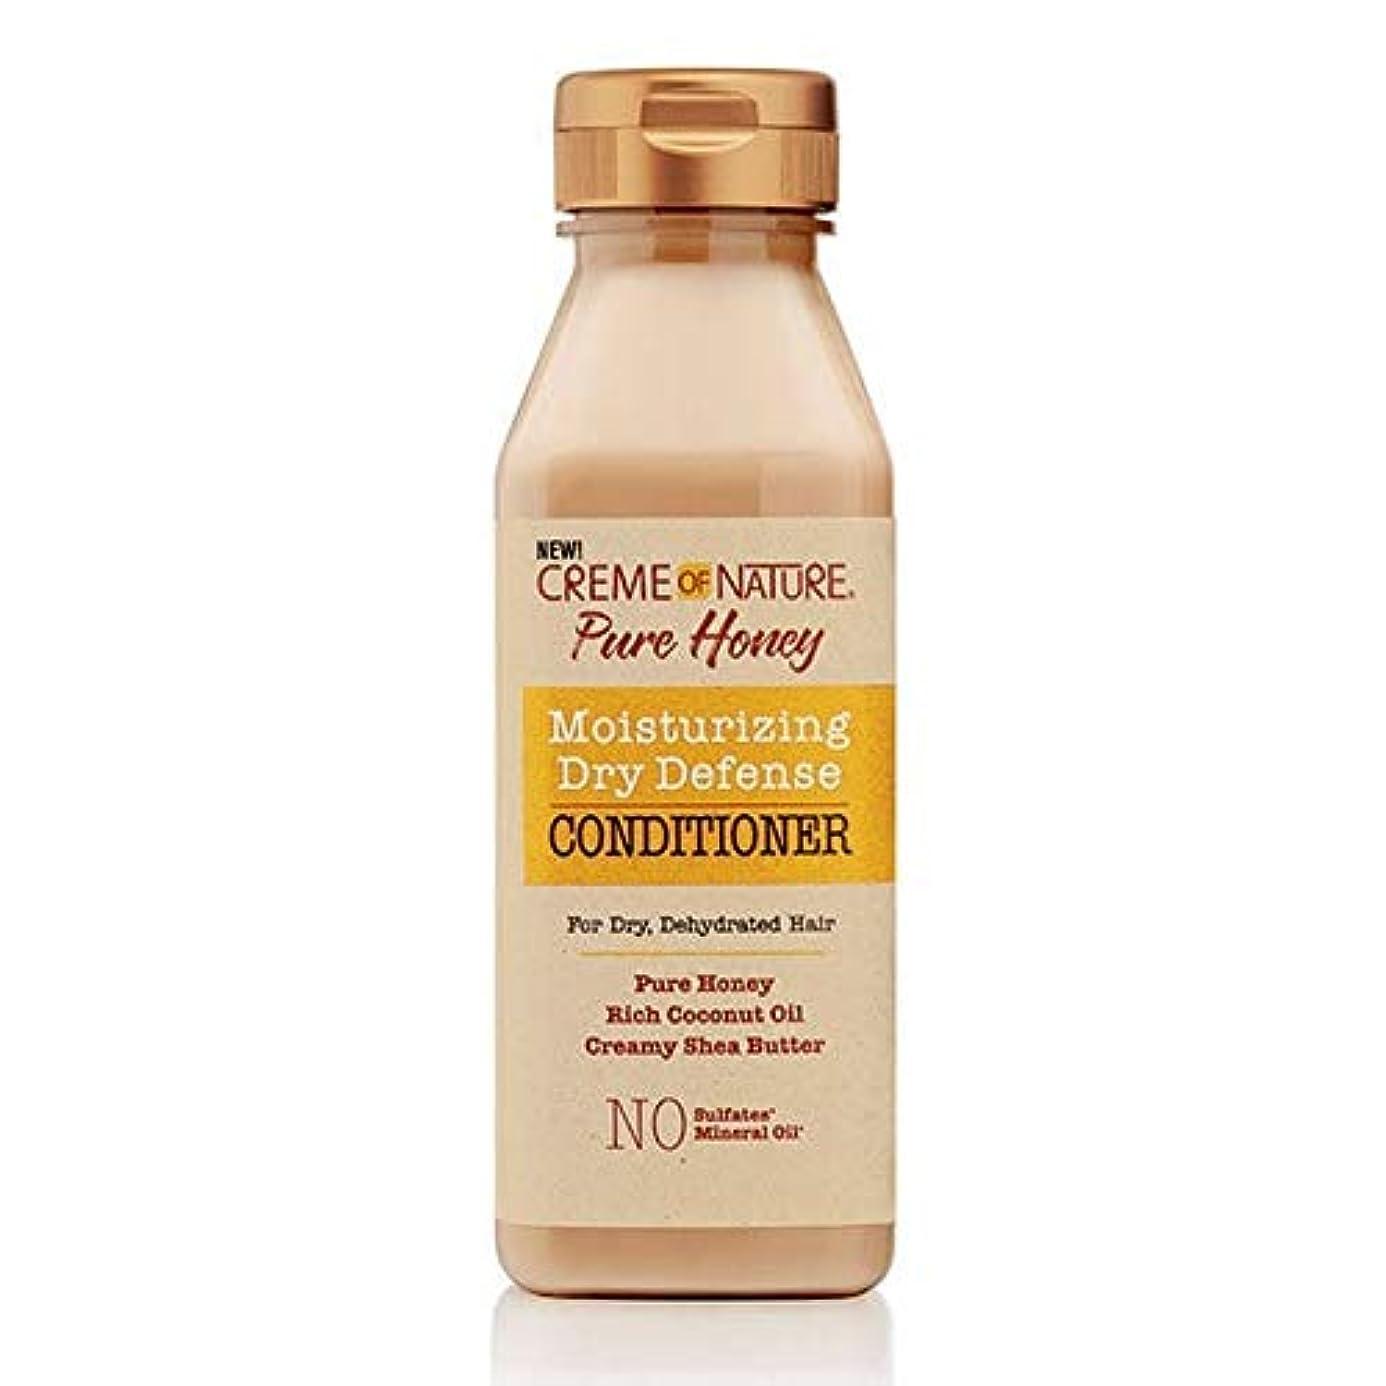 物理最小花婿[Creme of Nature ] 自然の純粋蜂蜜ドライ防衛コンディショナー355ミリリットルのクリーム - Creme of Nature Pure Honey Dry Defence Conditioner 355ml [並行輸入品]